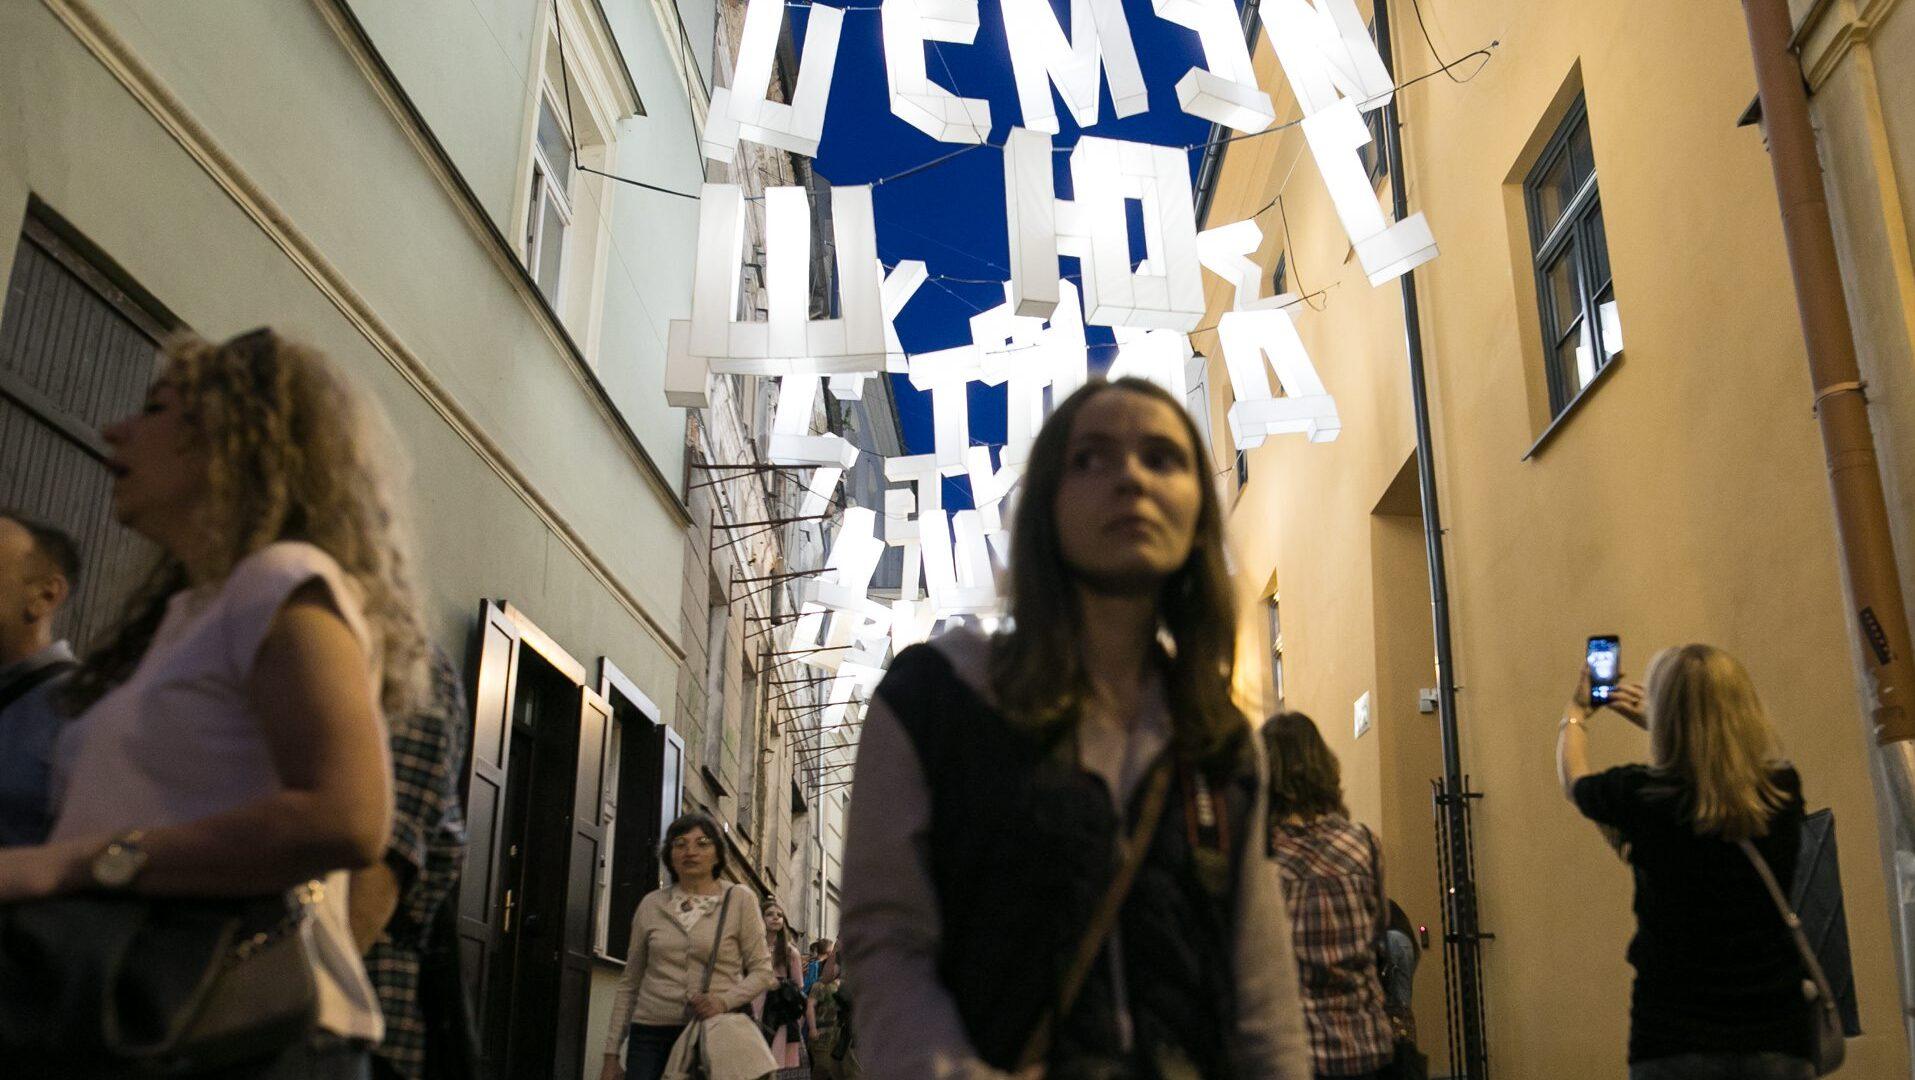 Zdjęcie wykonane podczas Nocy Kultury.Ludzie w wąskiej uliczce, nad ulicą zawieszone duże białe, święcące litery